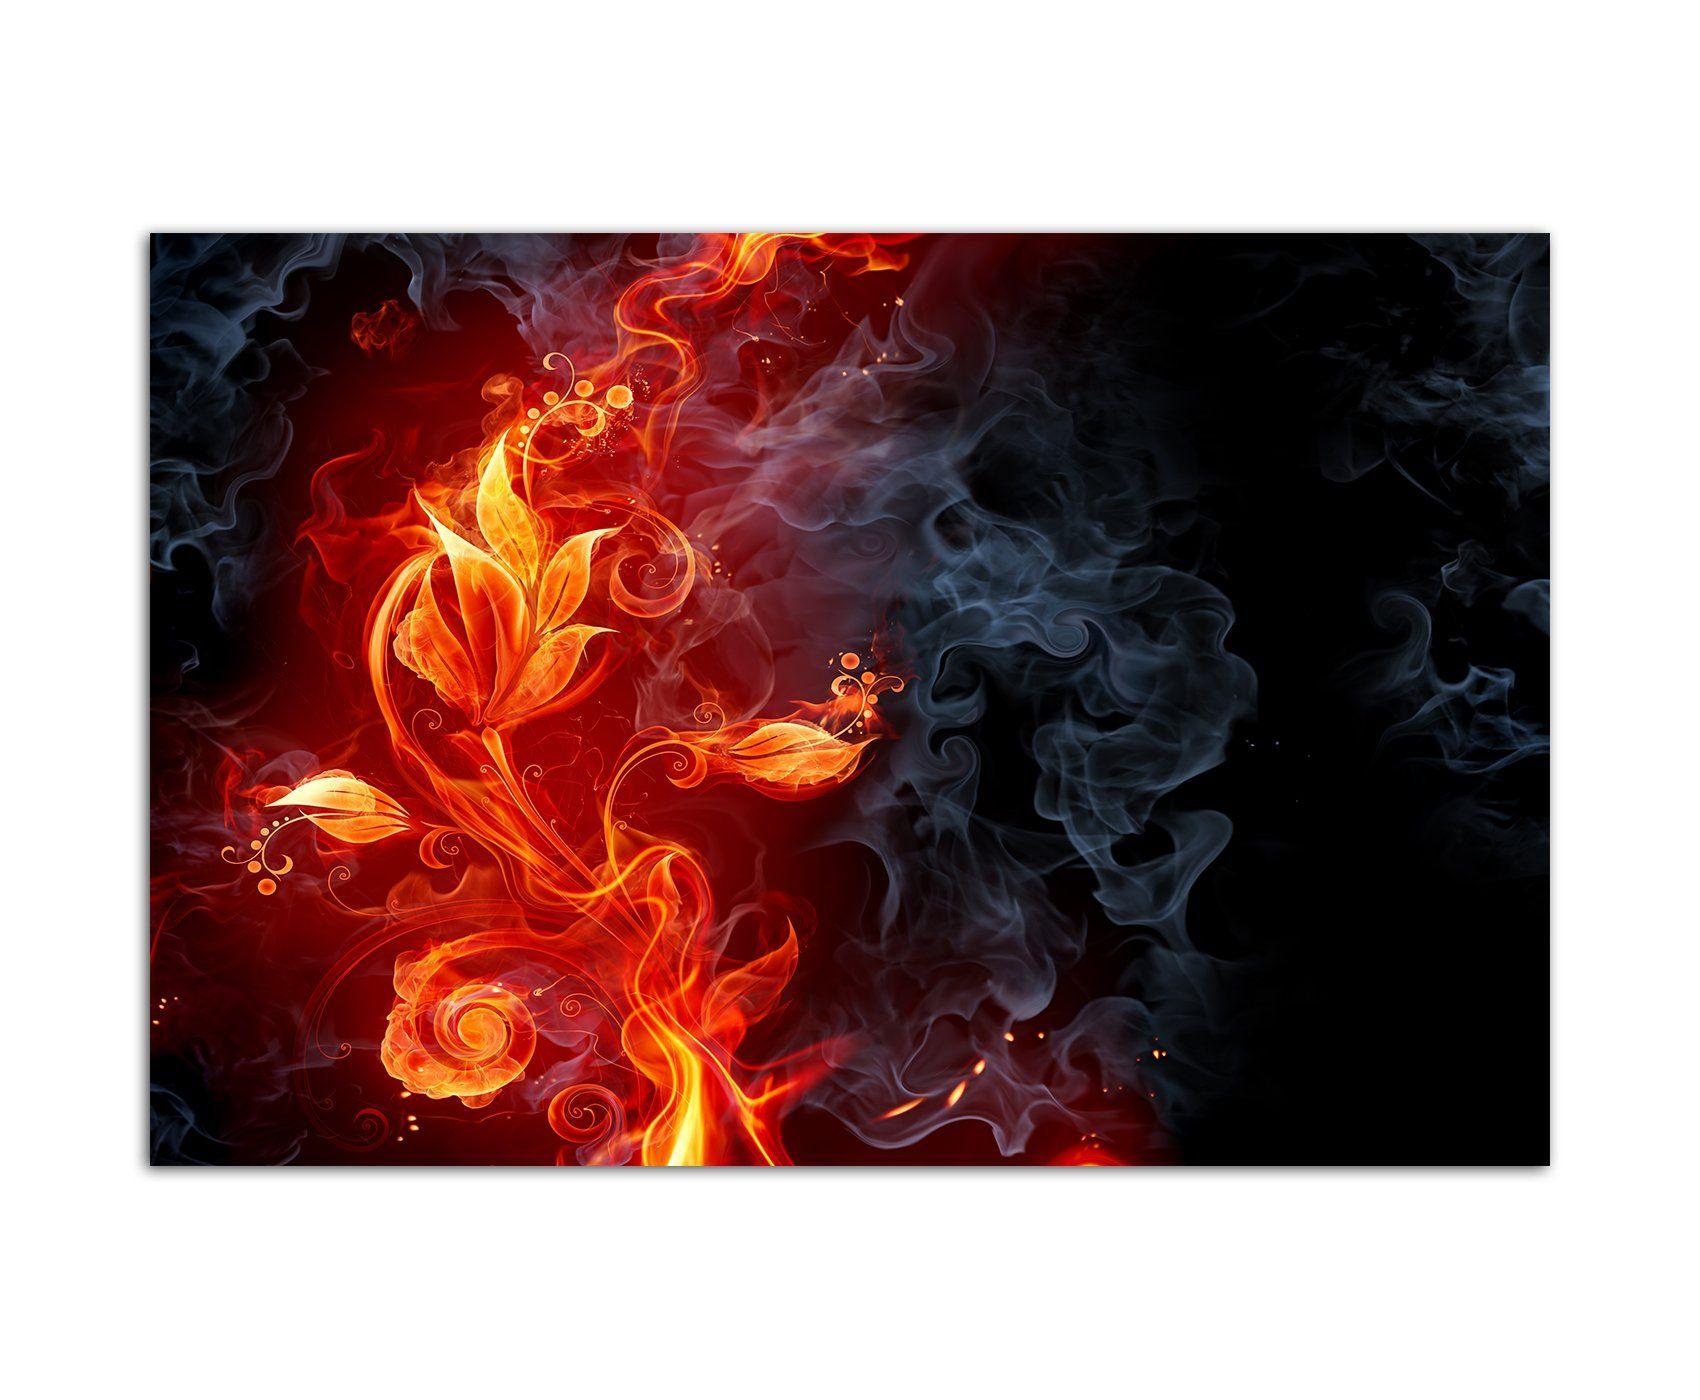 120x80cm   Fotodruck Auf Leinwand Und Rahmen Feuer Rauch Blume    Leinwandbild Auf Keilrahmen Modern Stilvoll